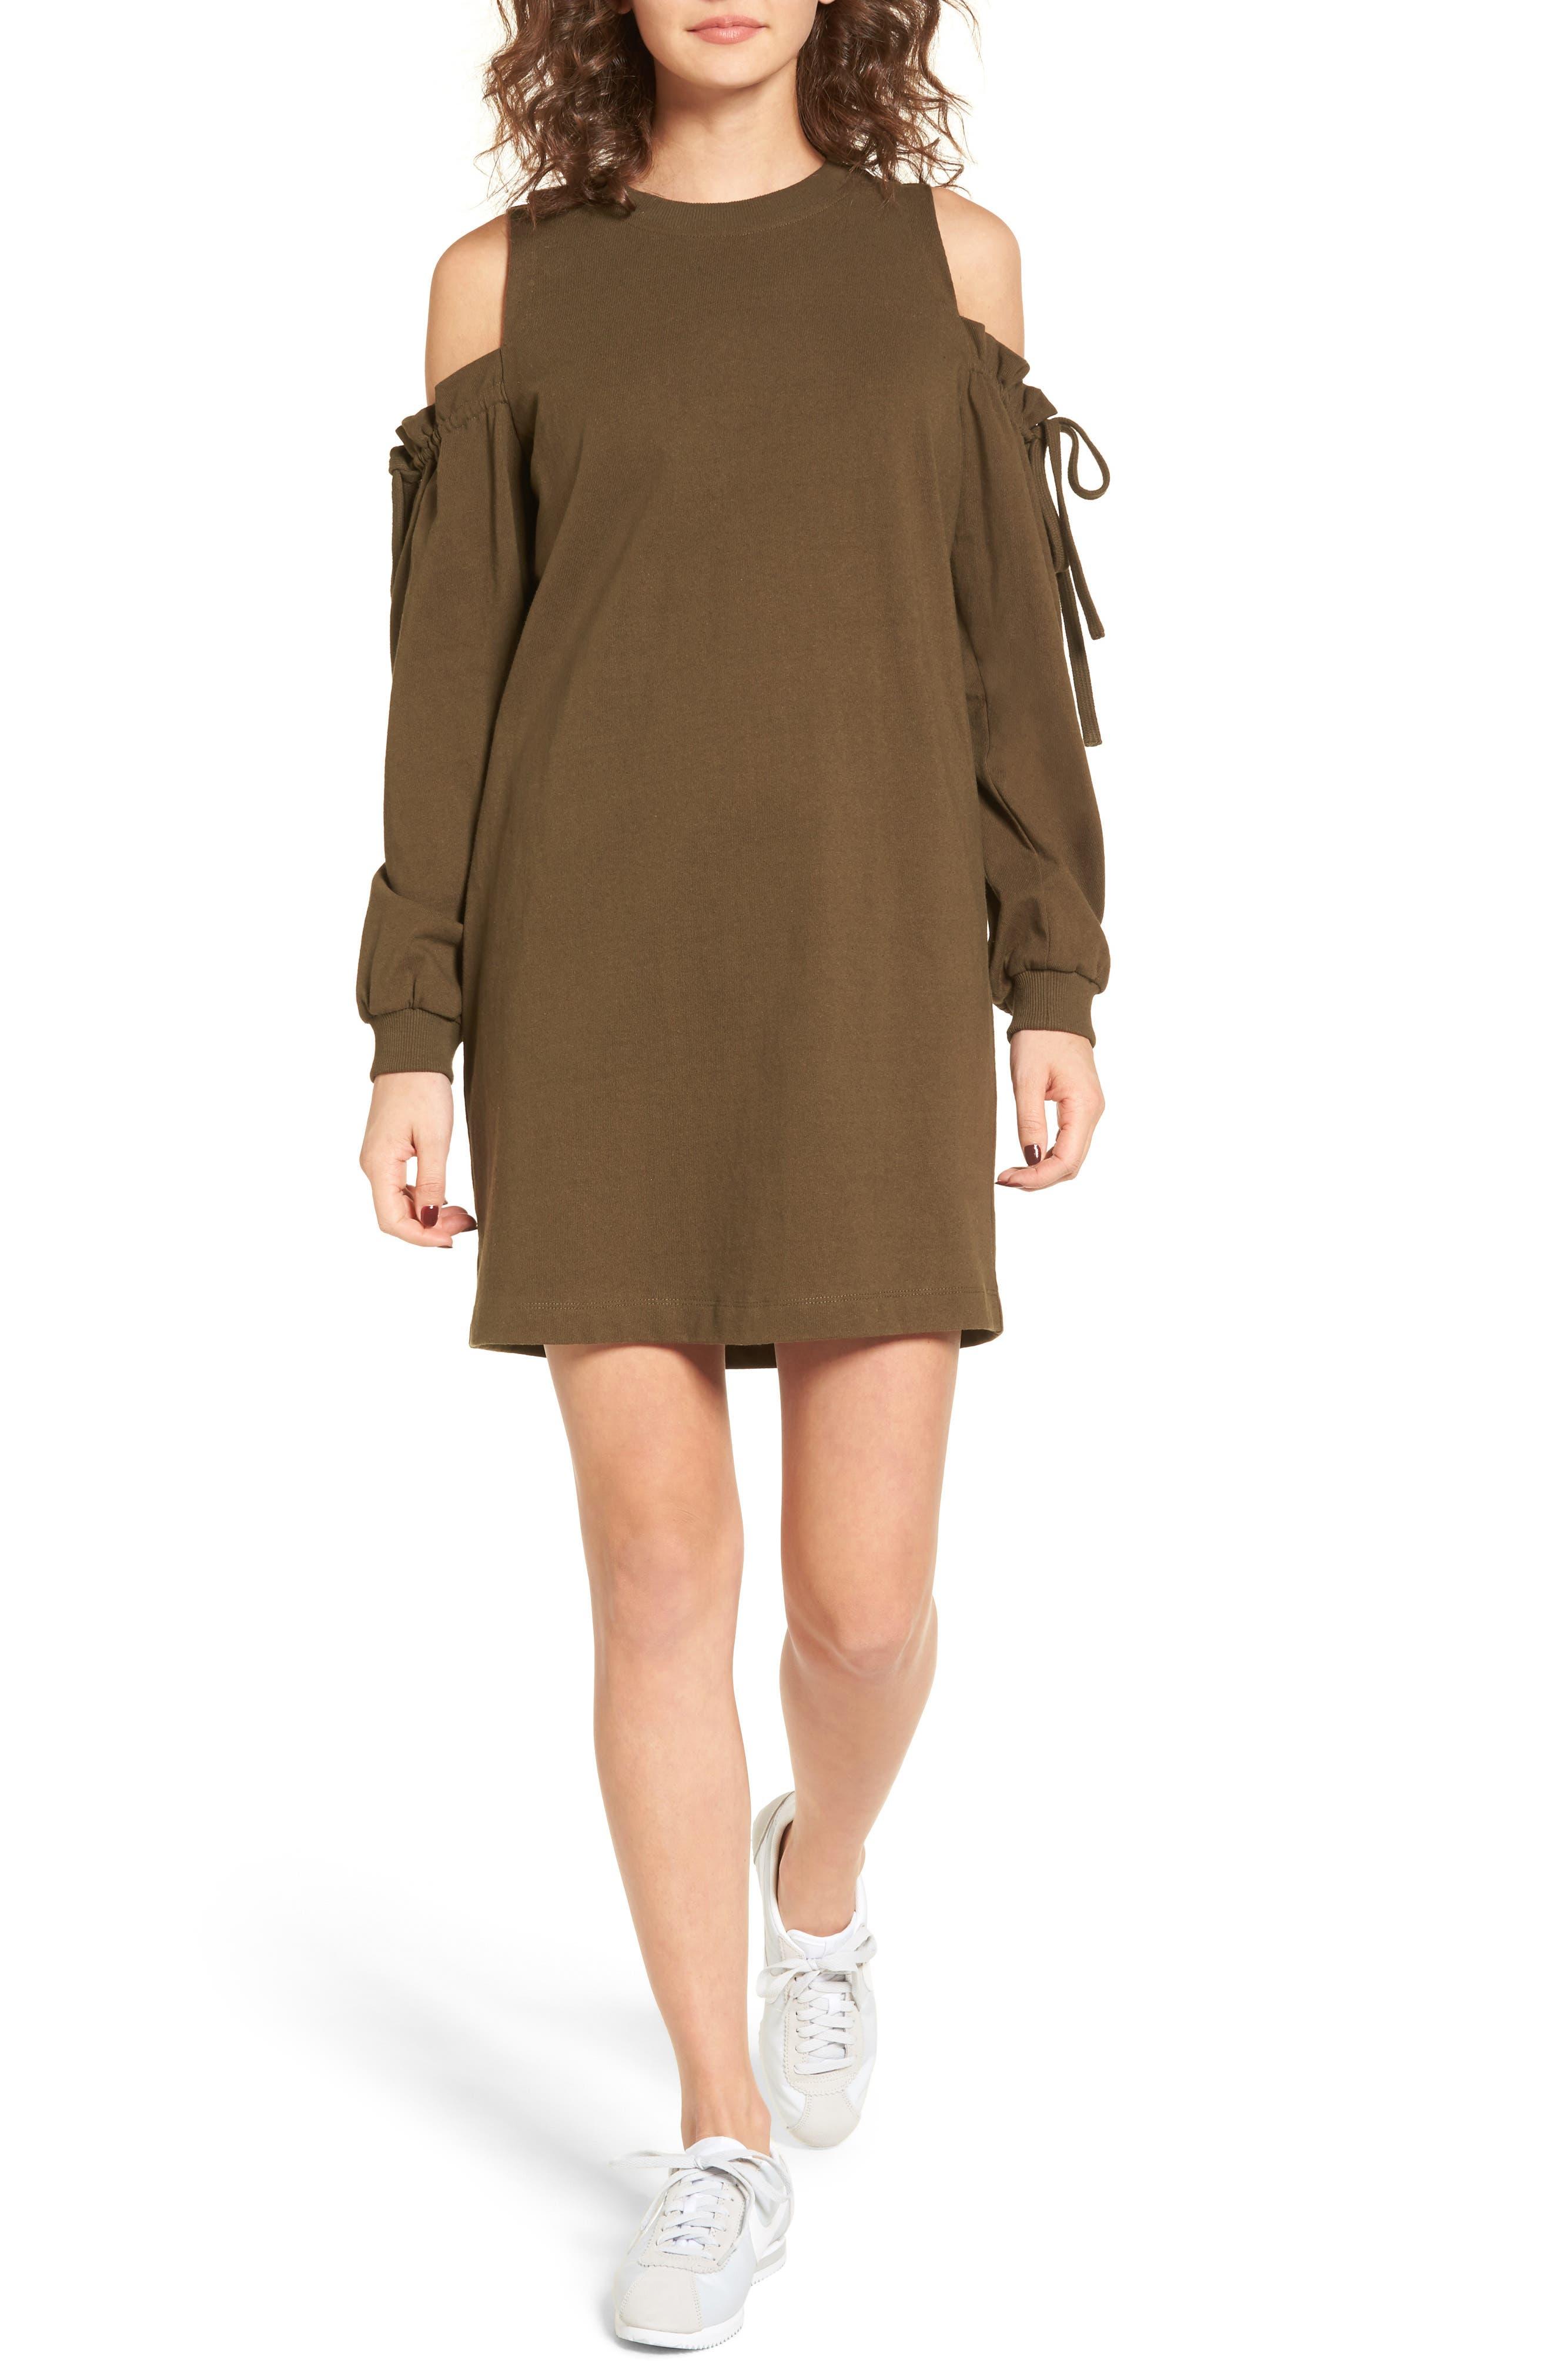 Alternate Image 1 Selected - Cold Shoulder Sweatshirt Dress